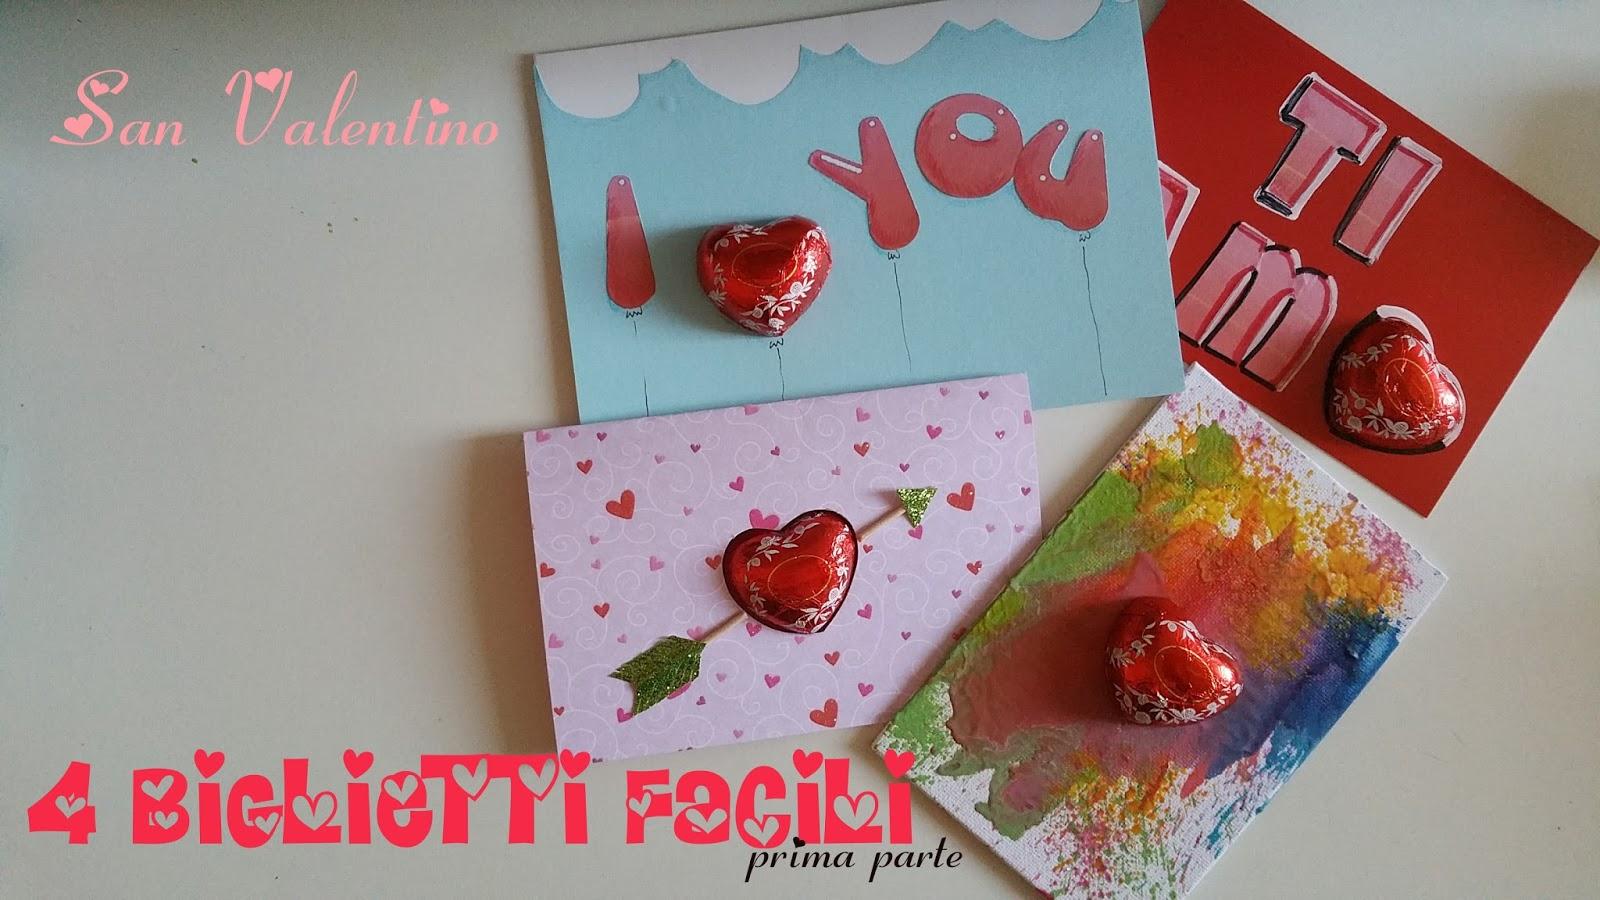 Vivi con letizia feste 4 biglietti auguri facili per - Decorazioni san valentino fai da te ...